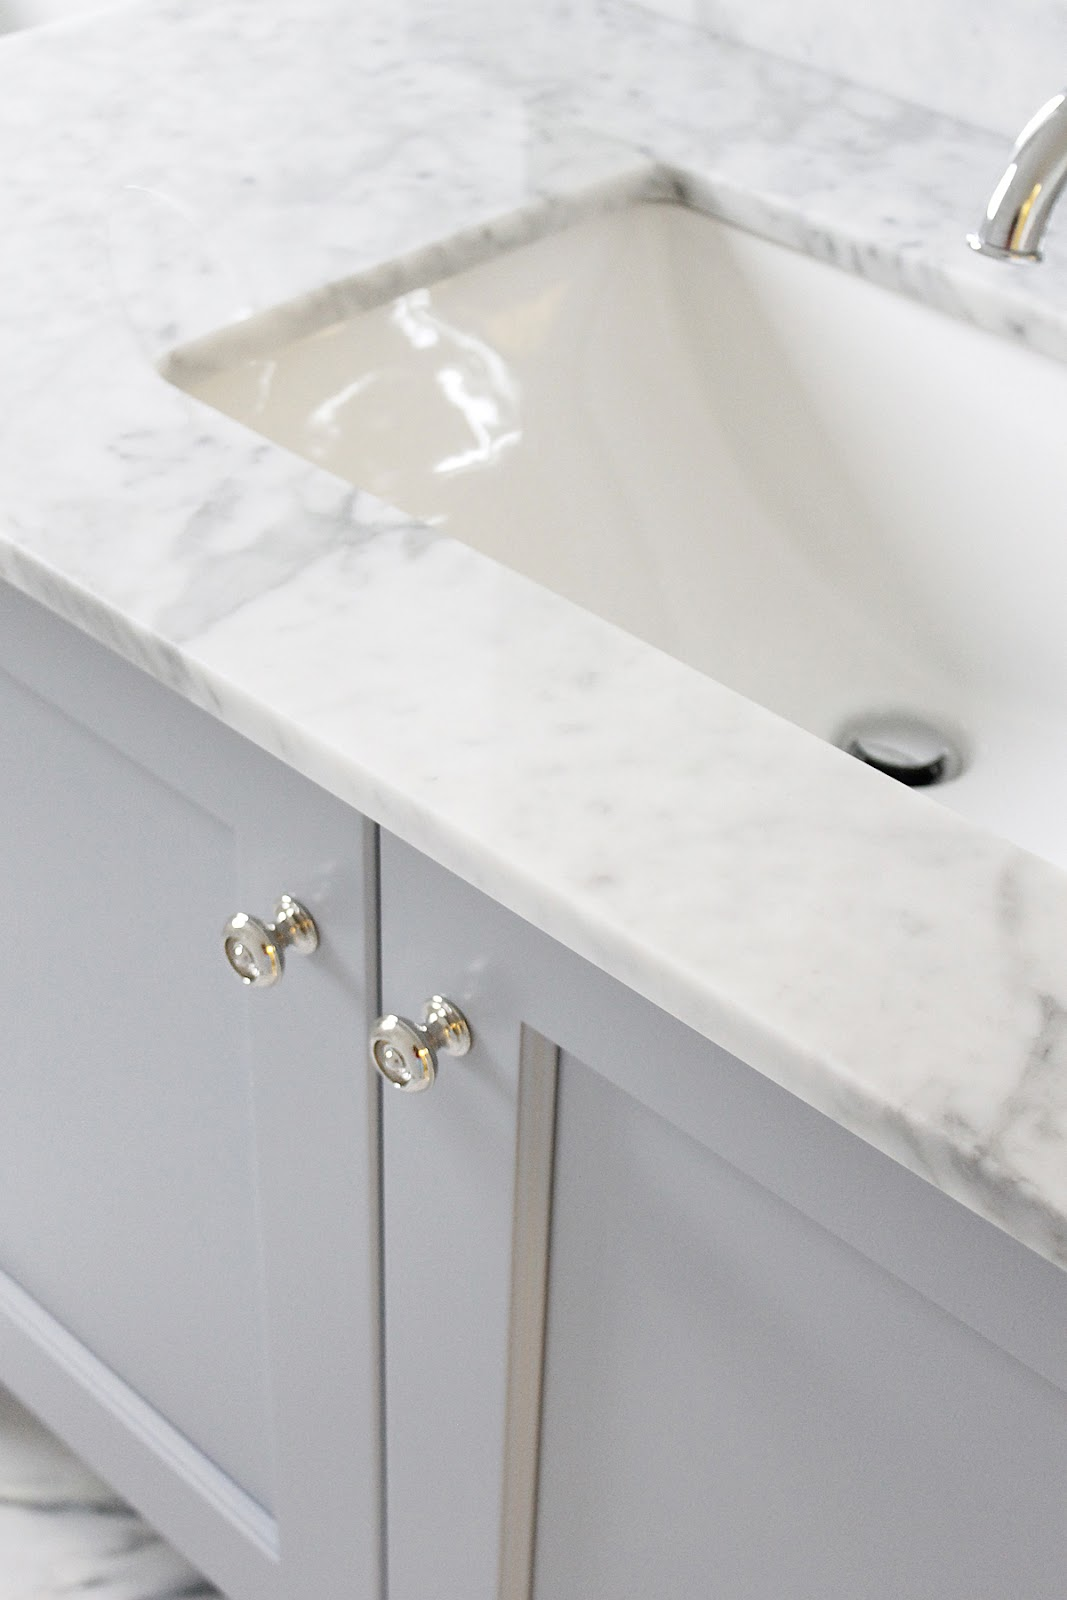 AM Dolce Vita: Main Bath Sneak Peek